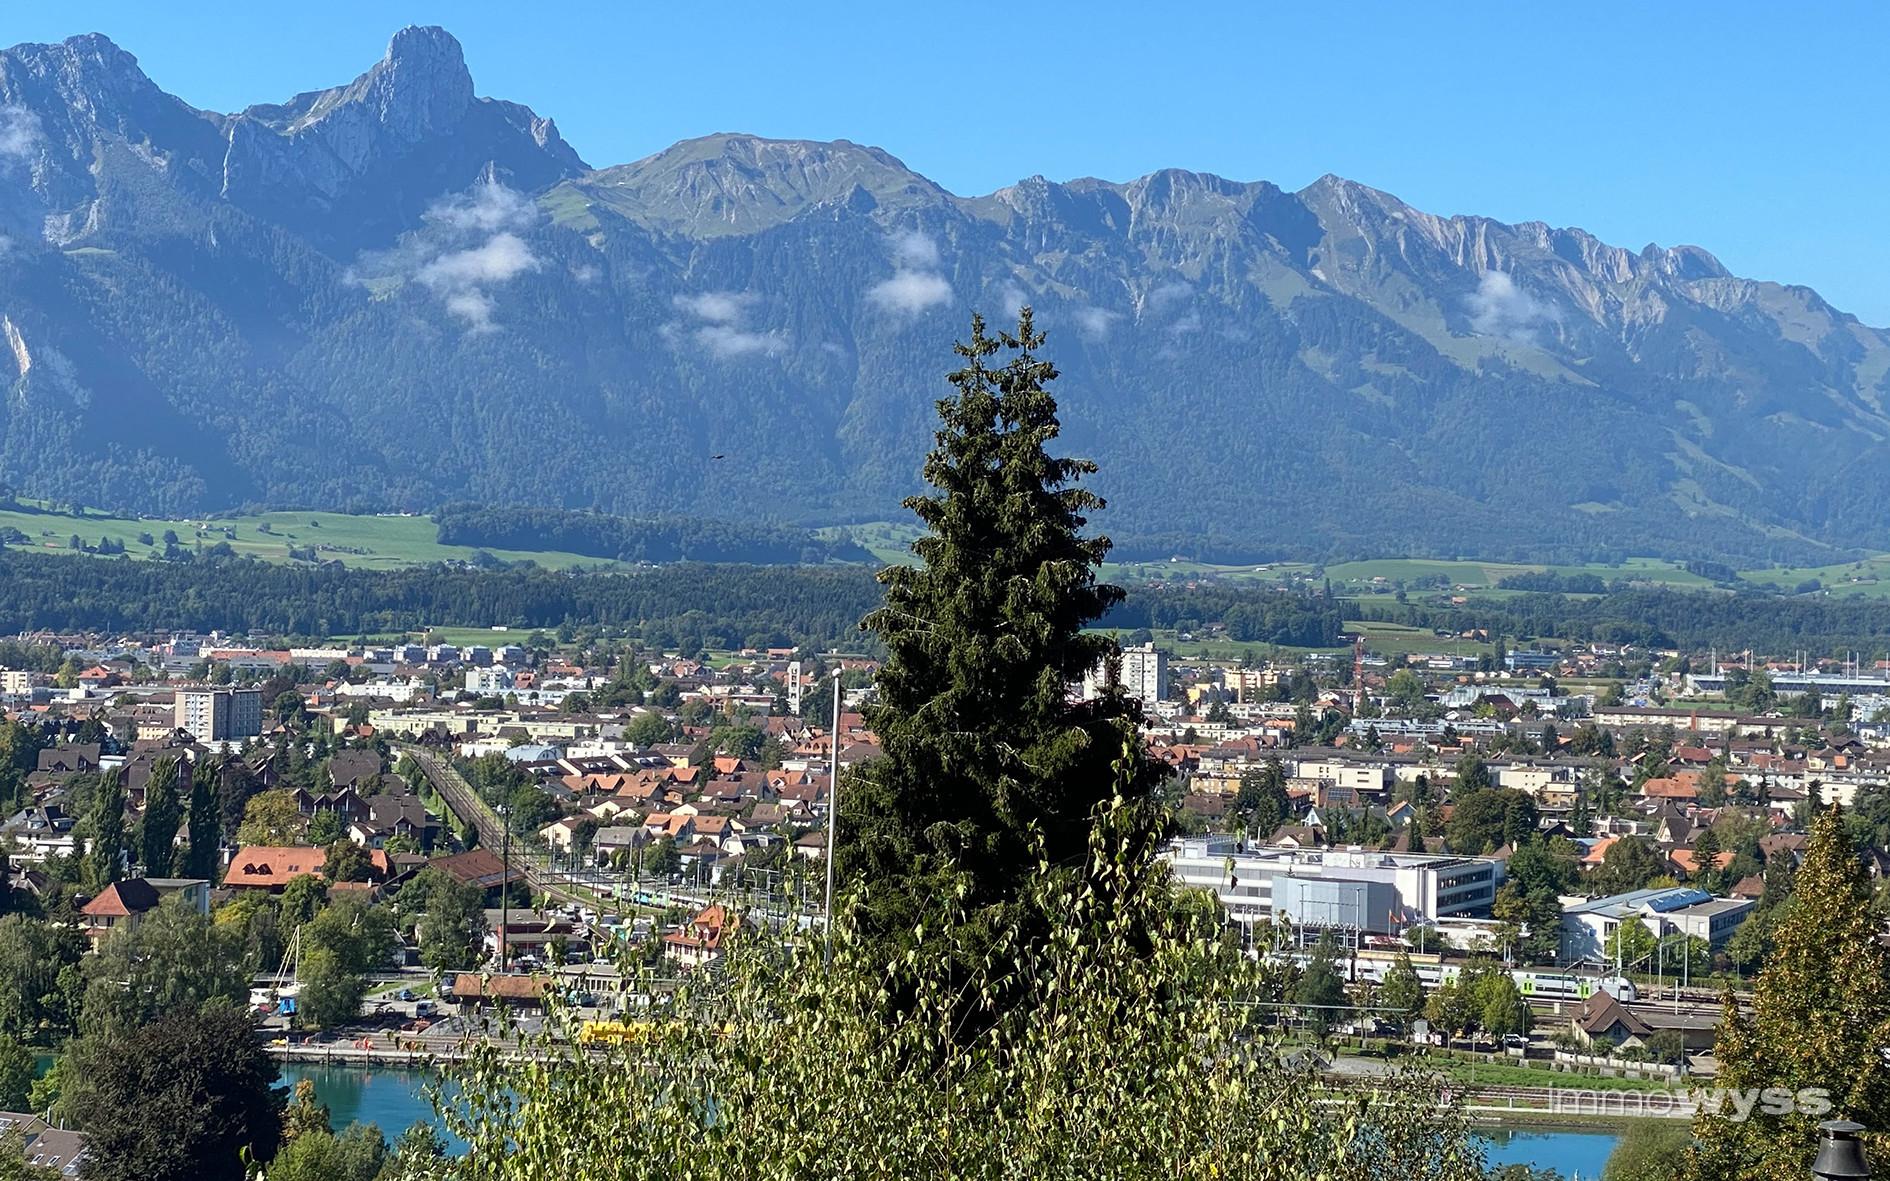 Aussicht auf das Stockhorn und die Stadt Thun